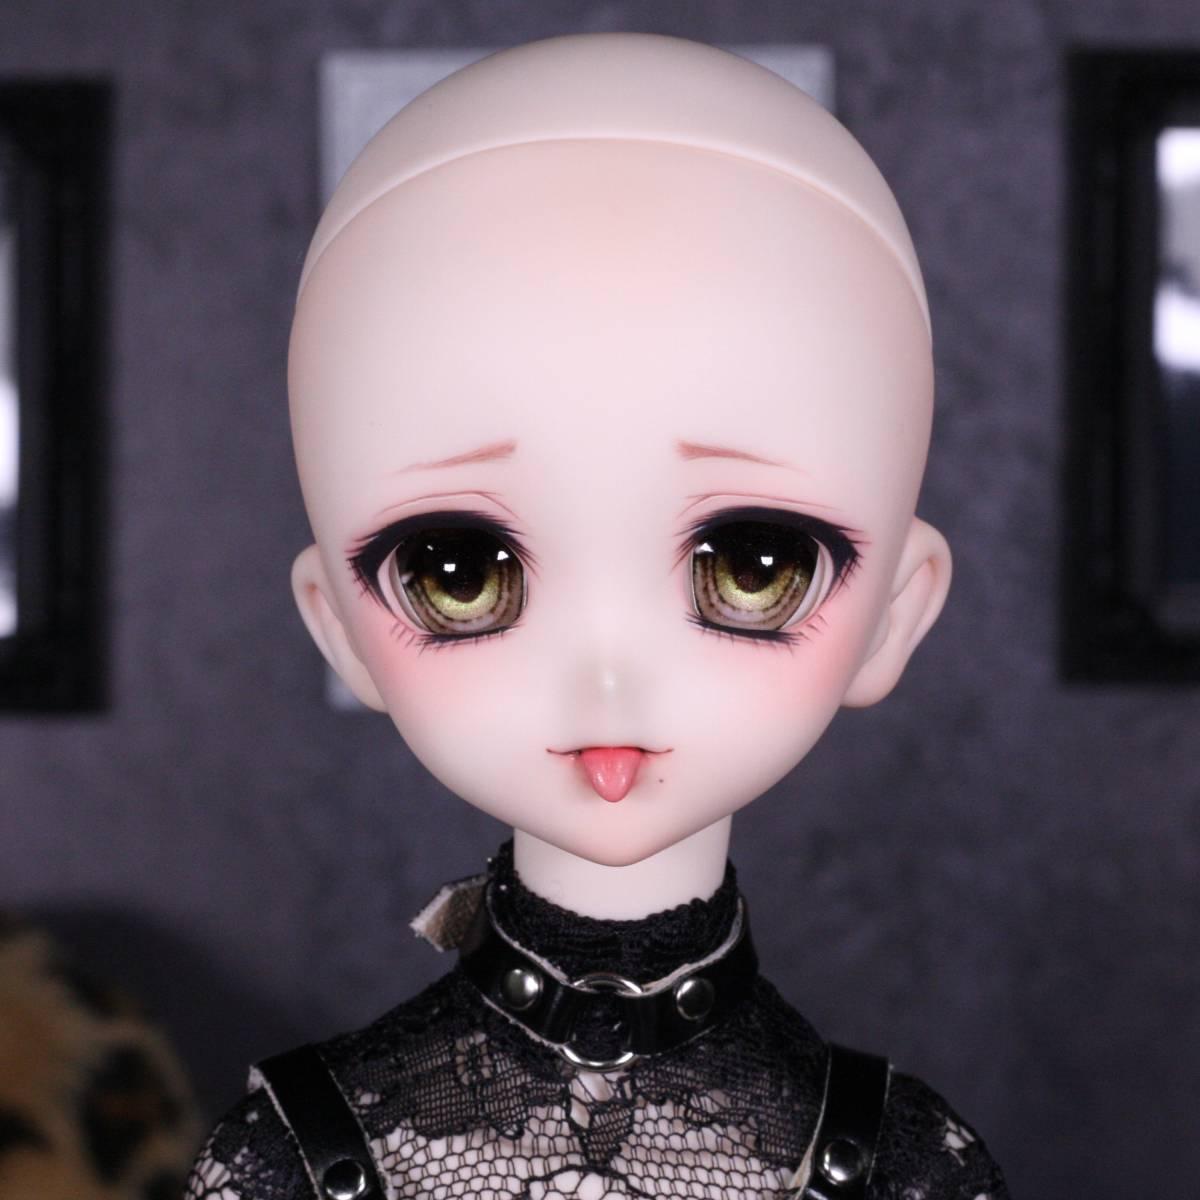 [ぴぴぴ]DDH-10(セミホワイト肌)カスタムヘッド+舌パーツ+アイ+ウィッグ+MDD用衣装セット_画像10